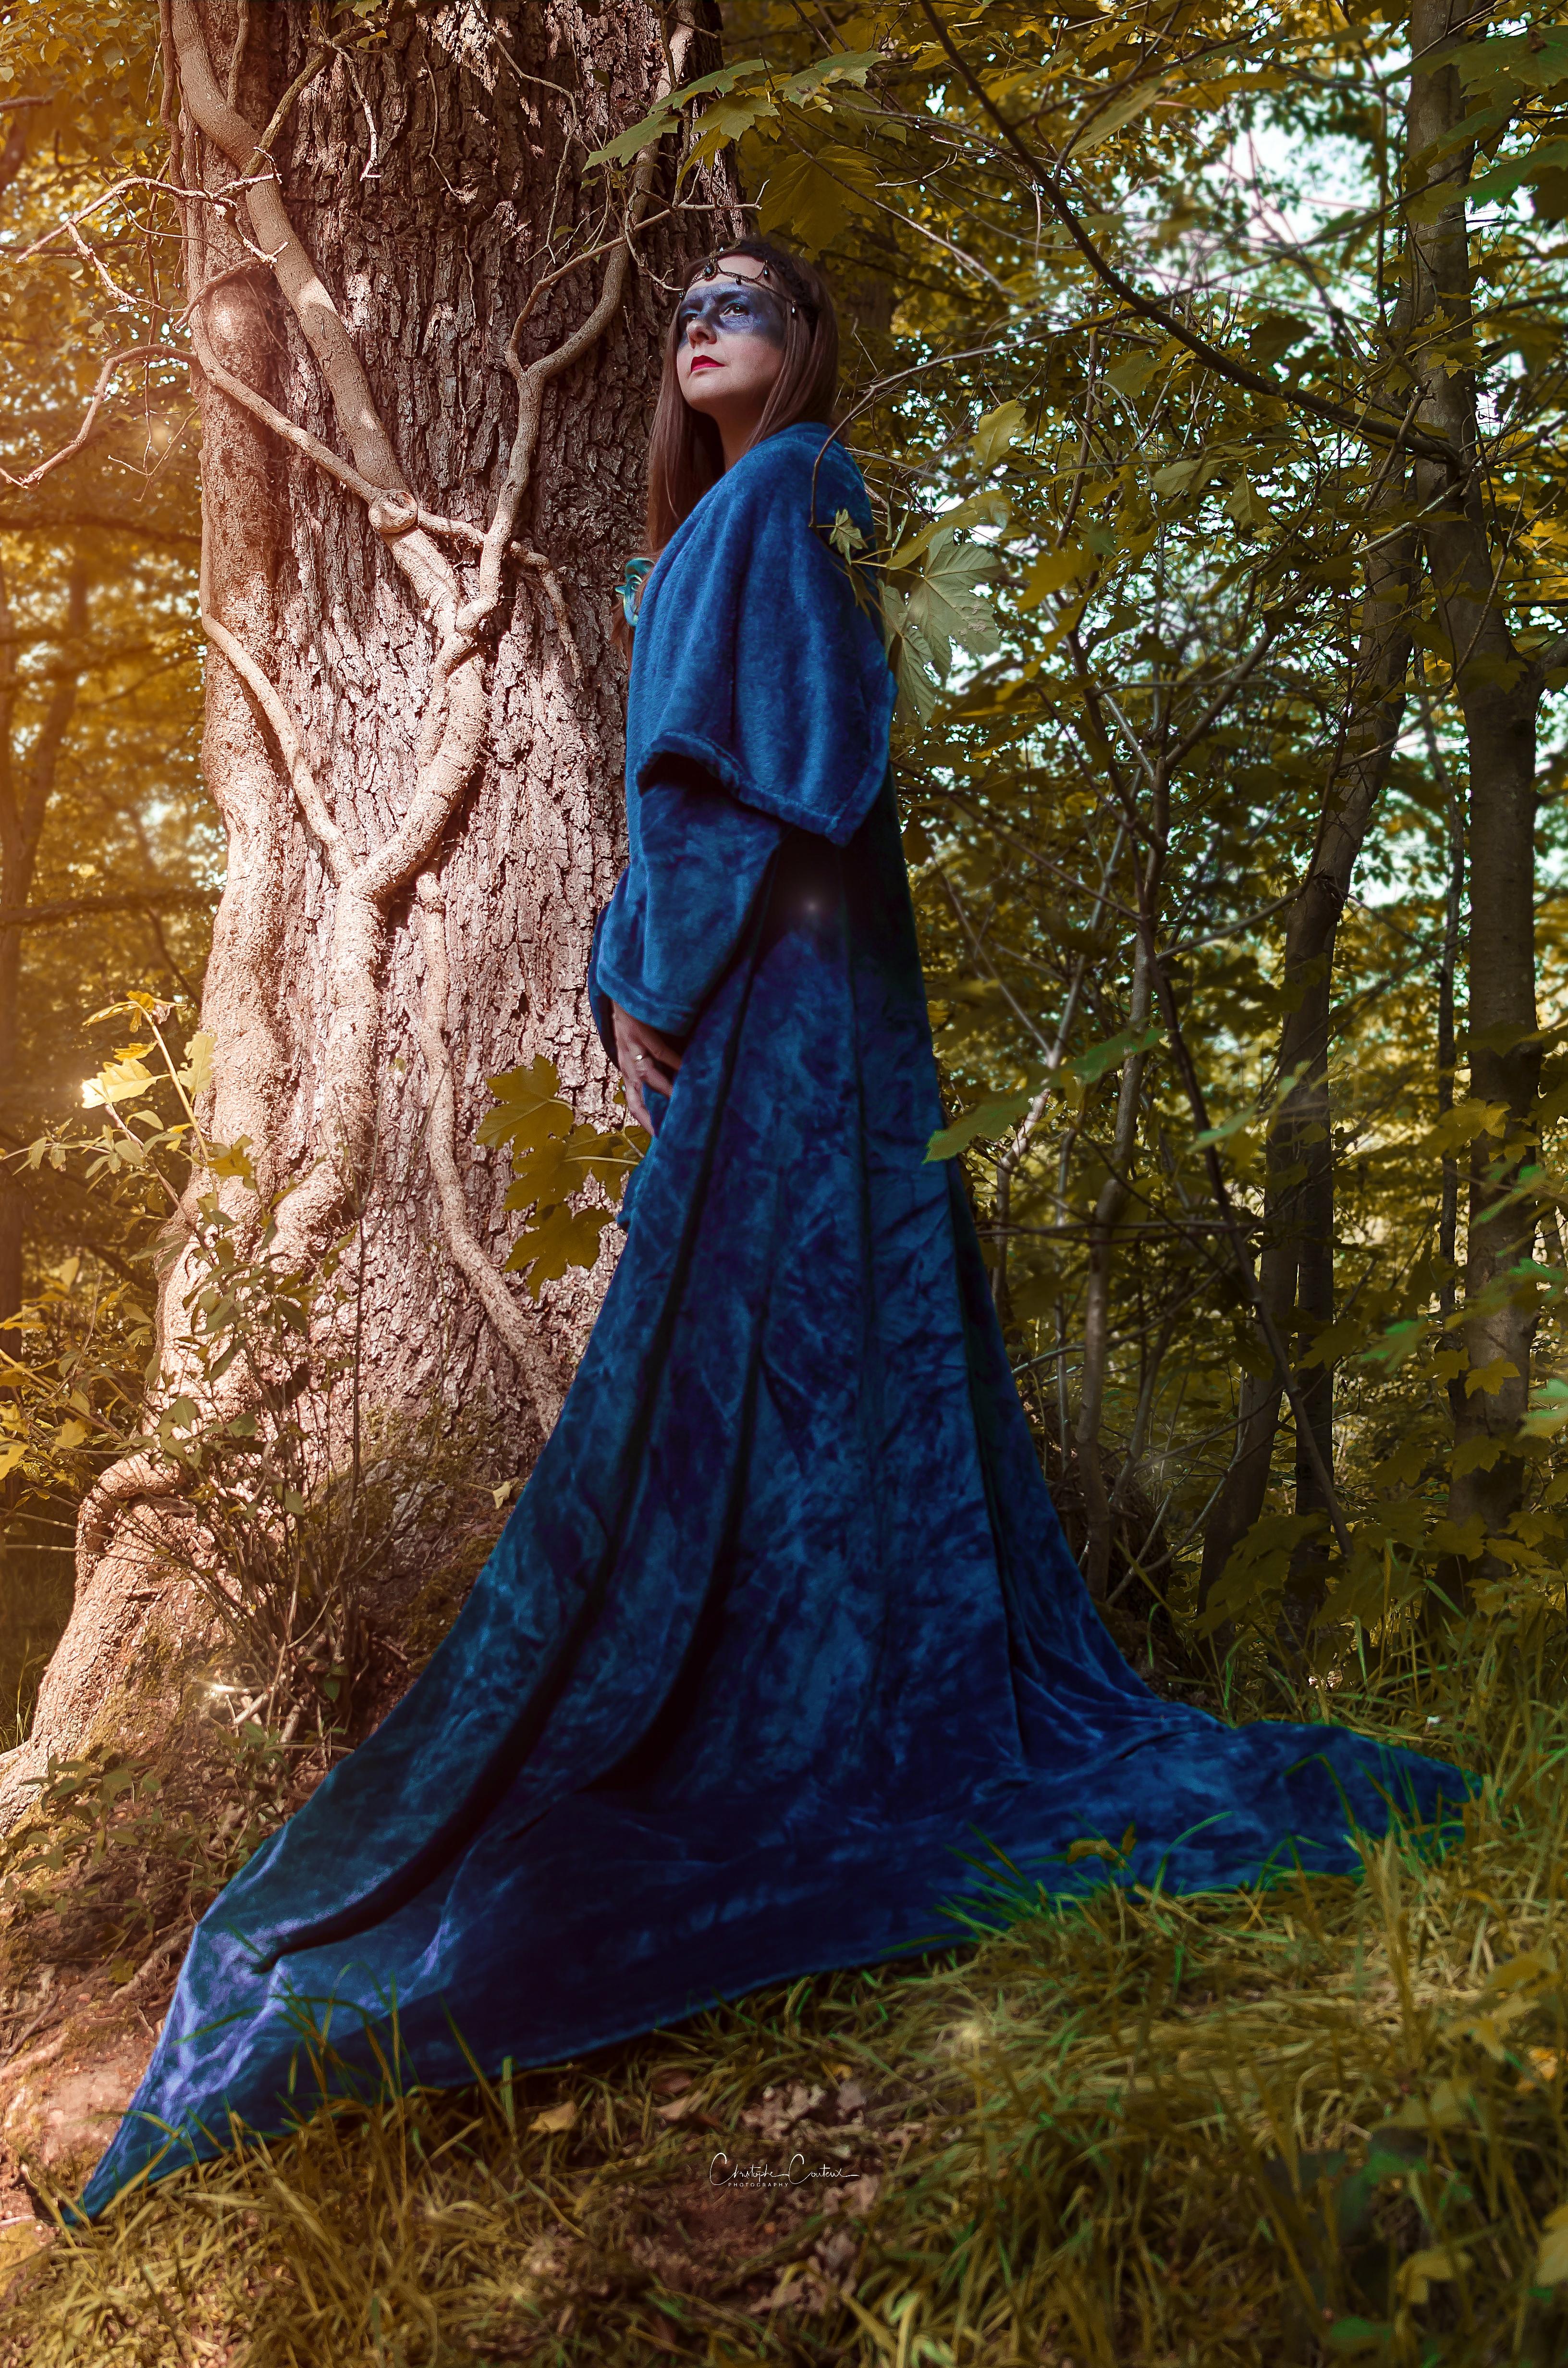 Reine du de la forêt de Sénart